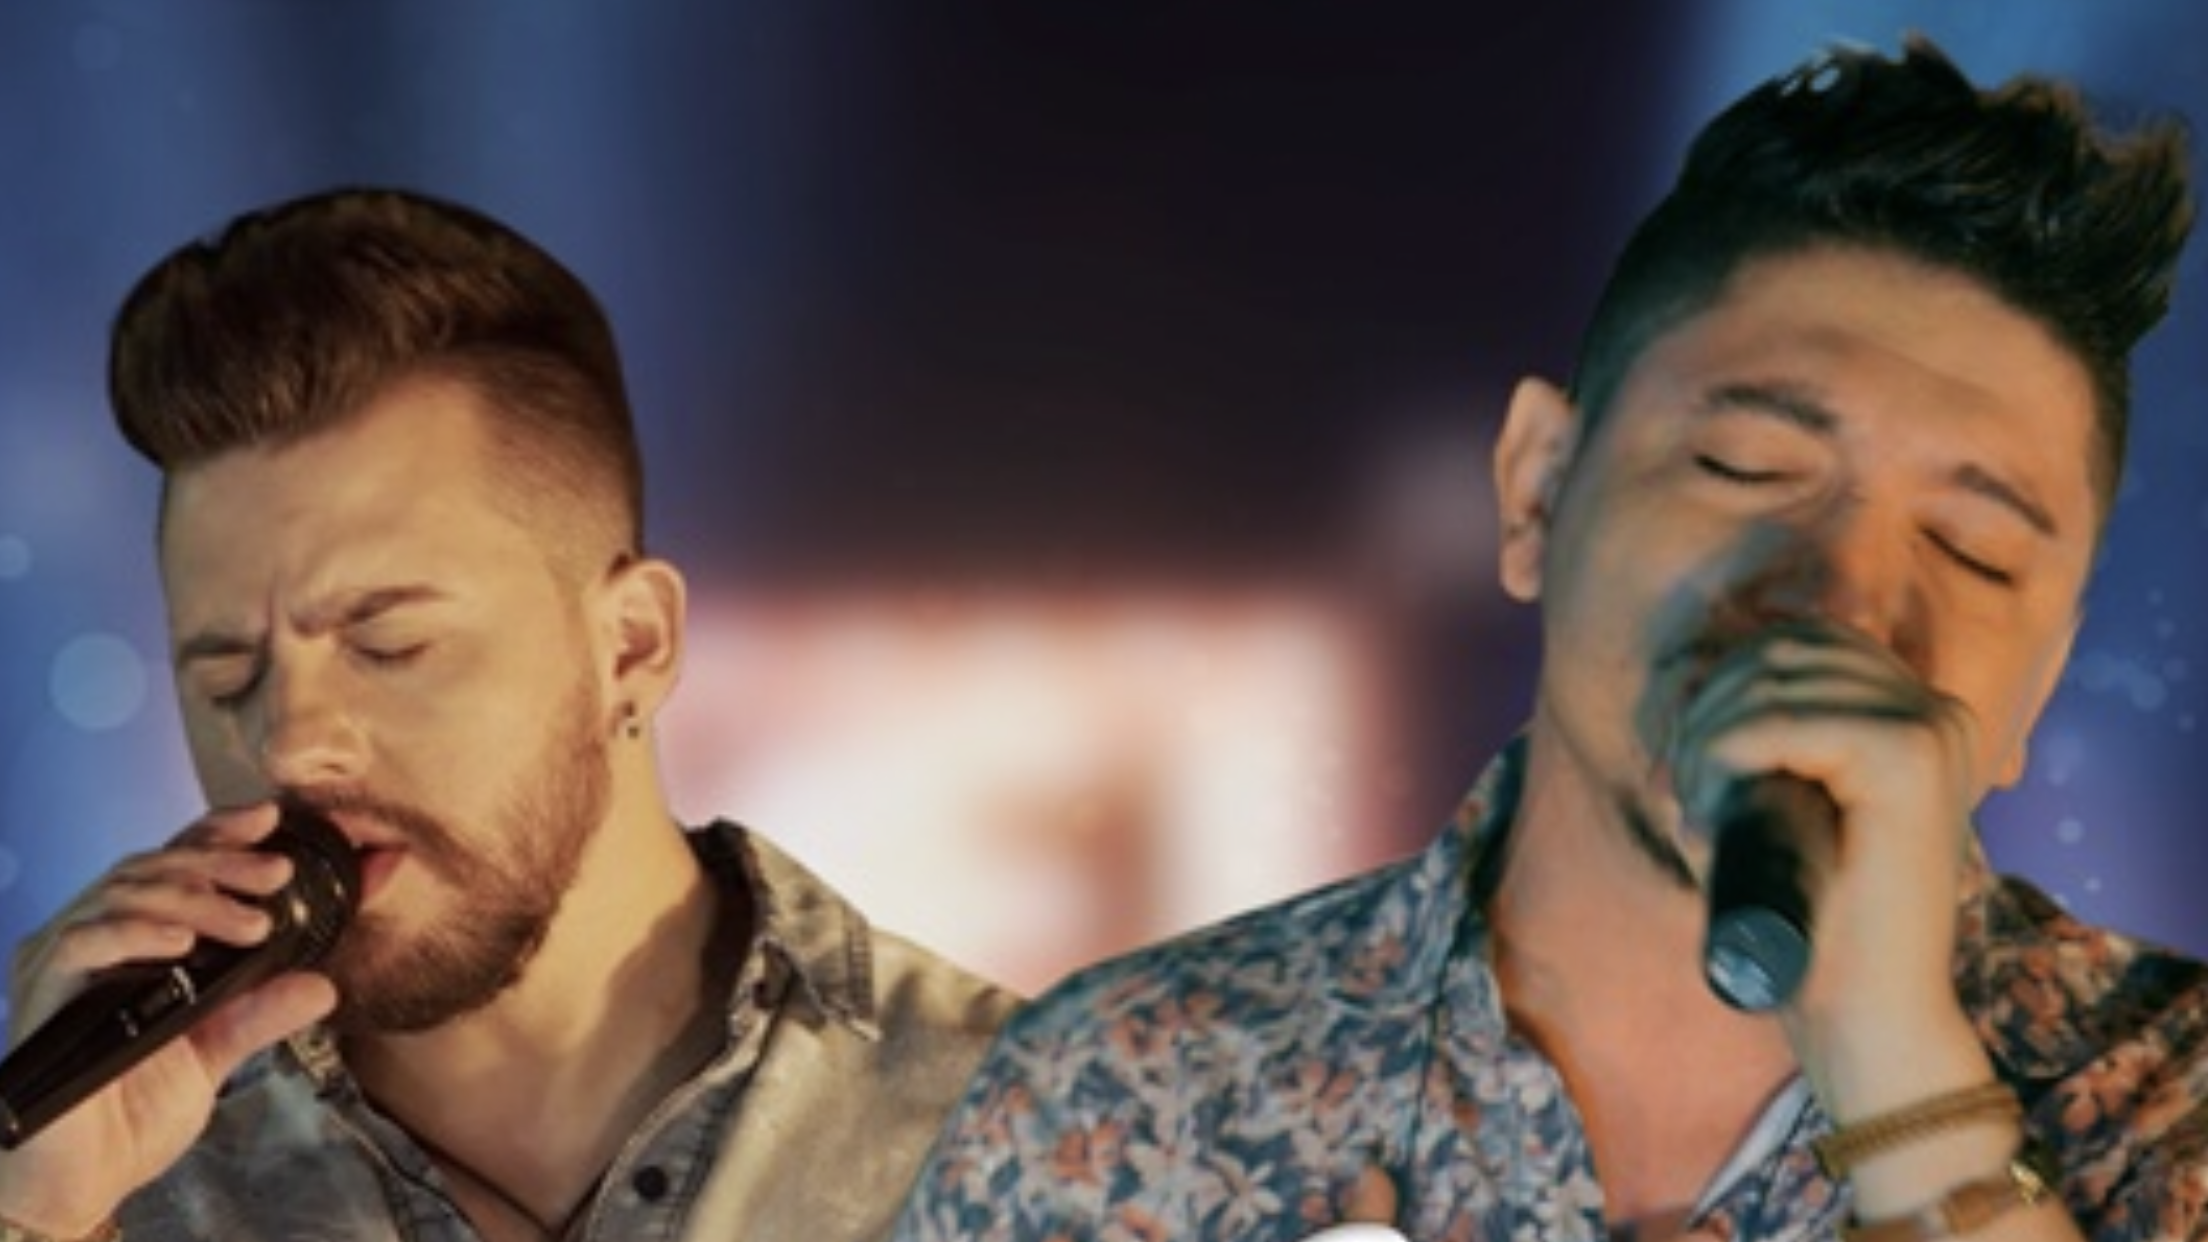 """Netto e Elton Junior despontam com a nova faixa """"Cacau Show"""", confira aqui"""